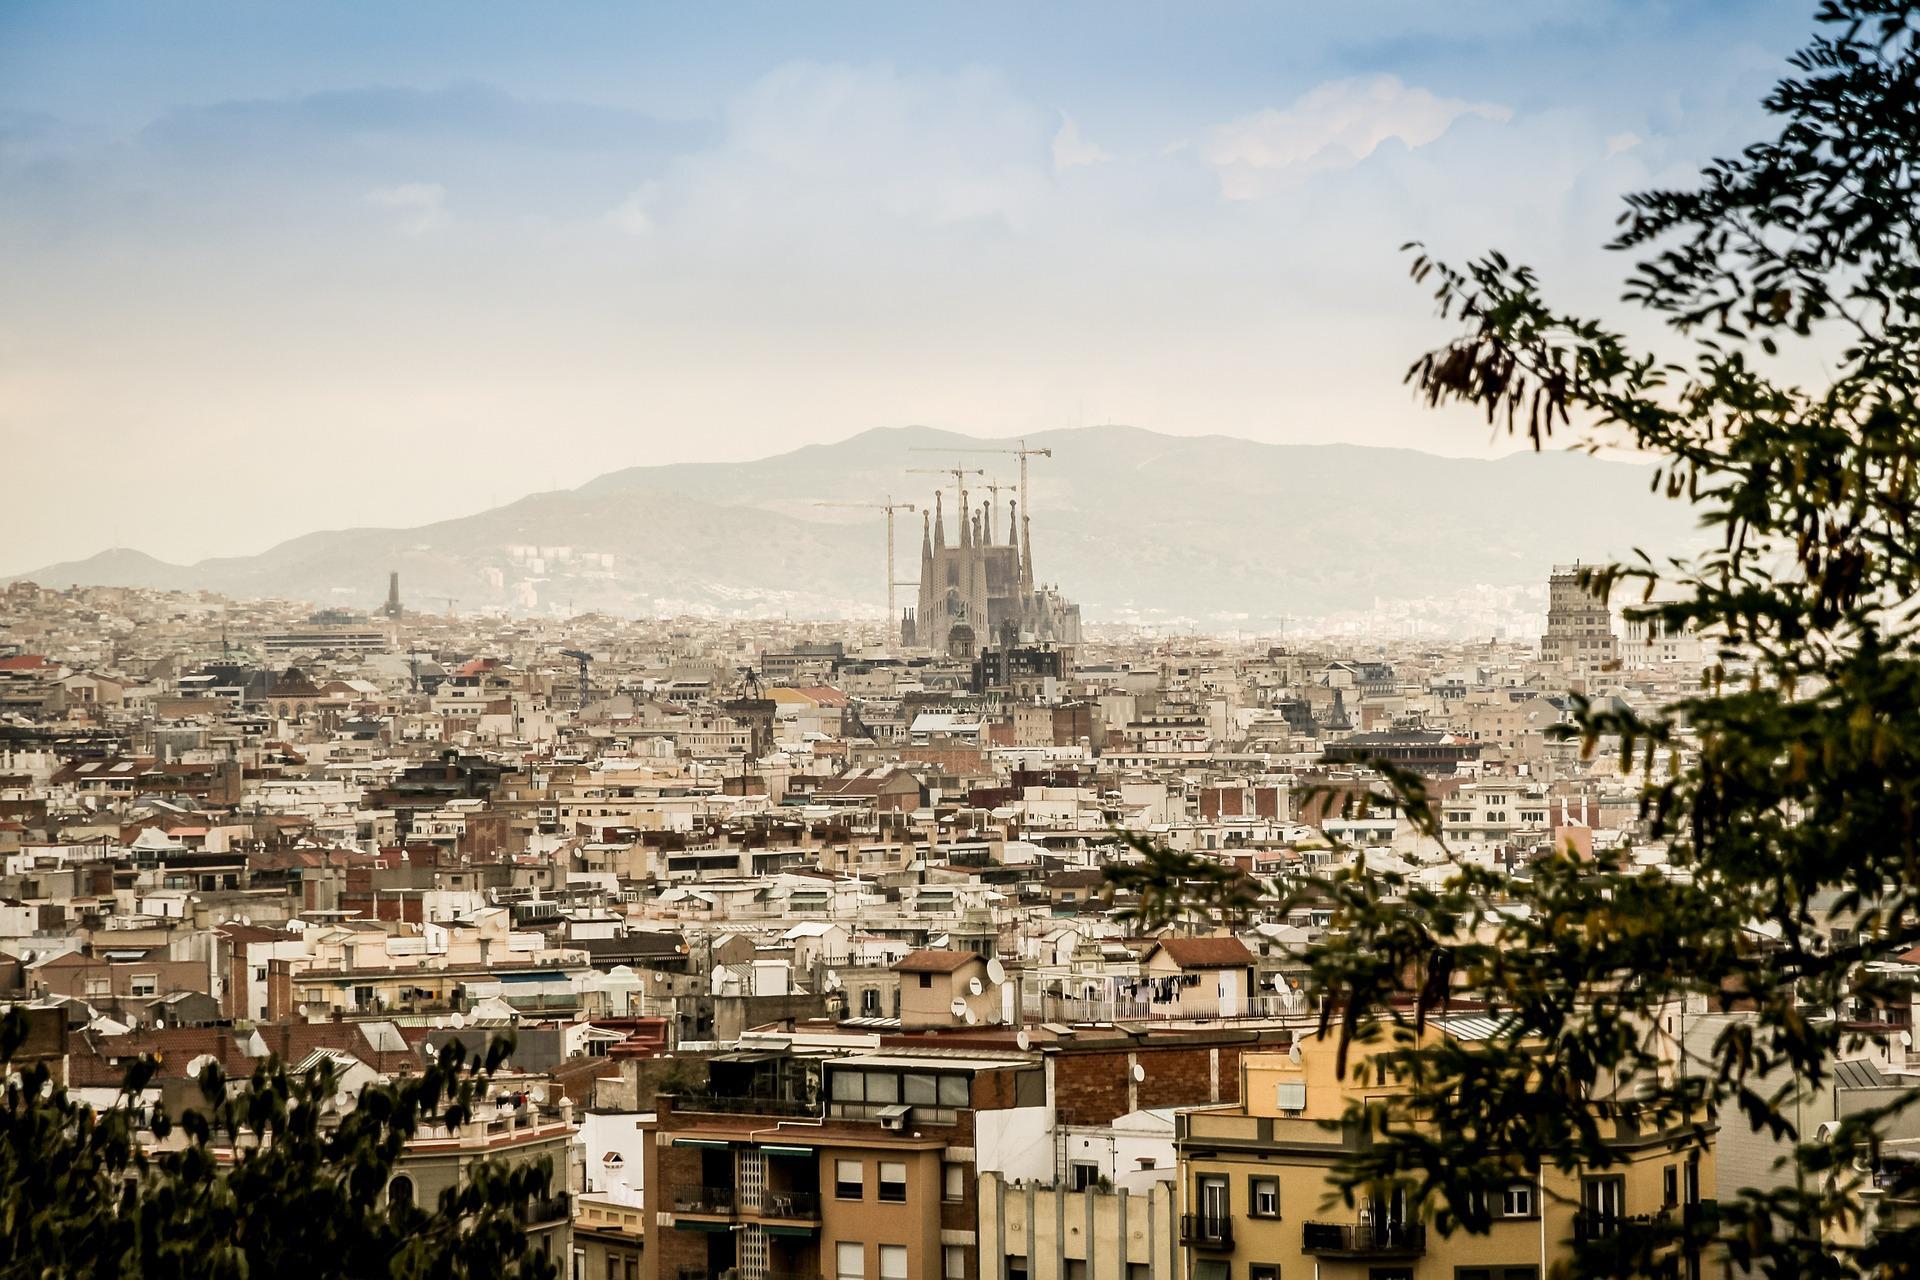 Barcelona-Städtzetrip auf gutshausblog